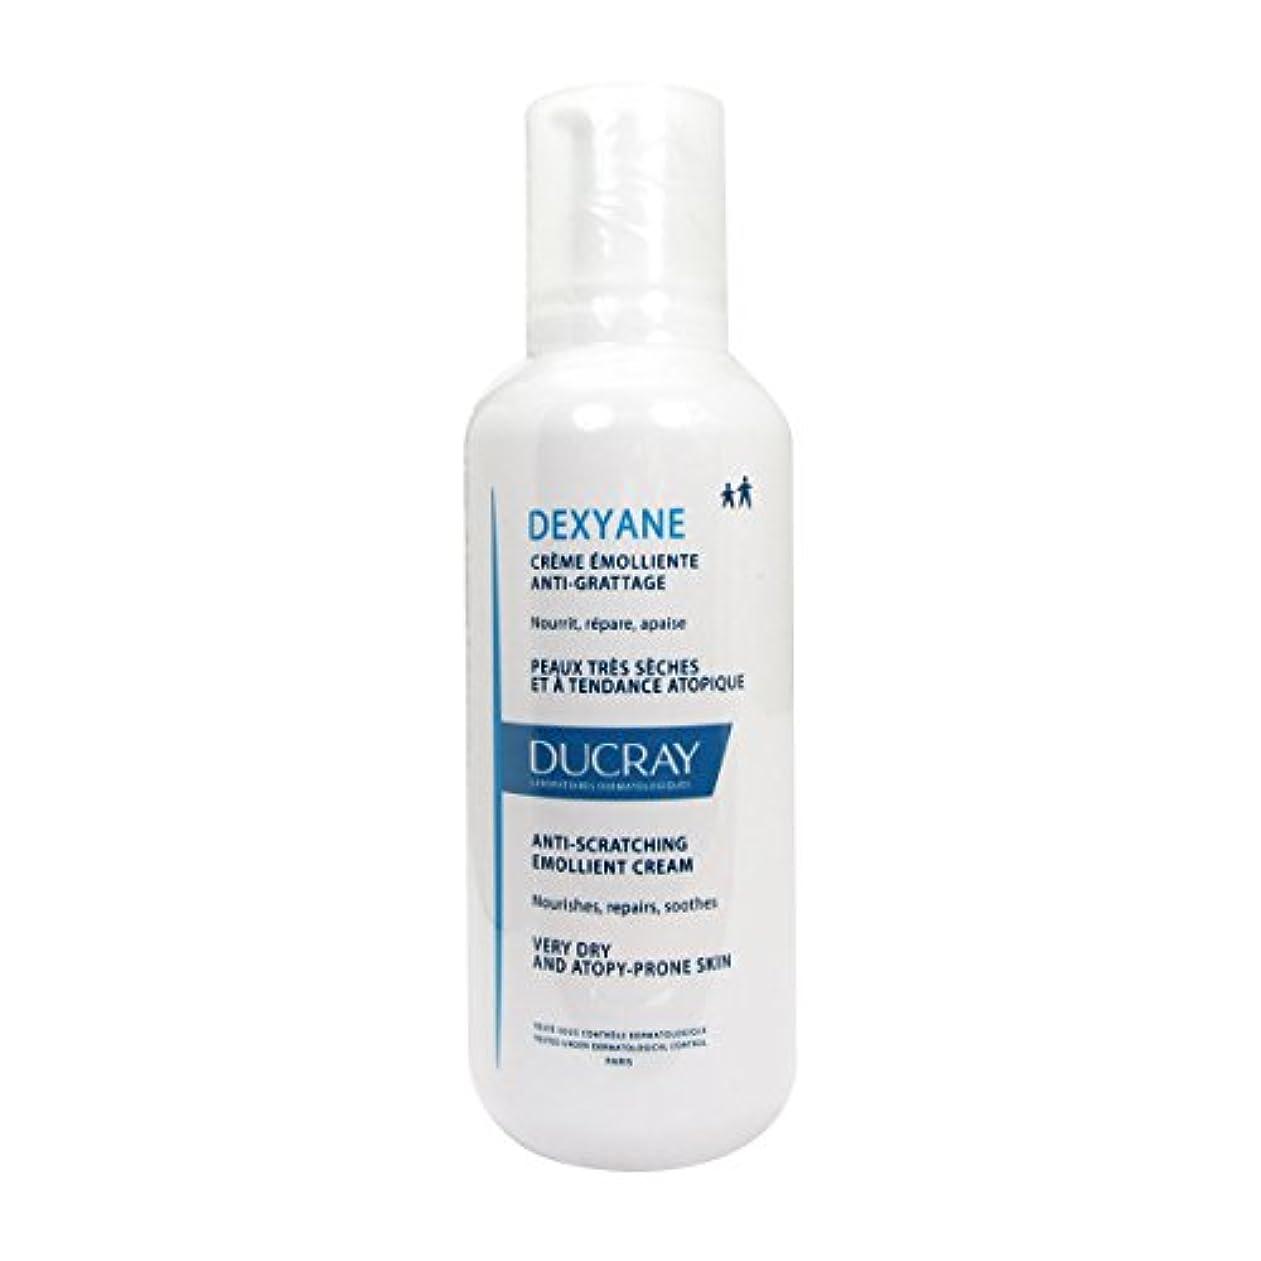 すみません発掘クリスチャンDucray Dexyane Anti-scratching Emollient Cream 400ml [並行輸入品]